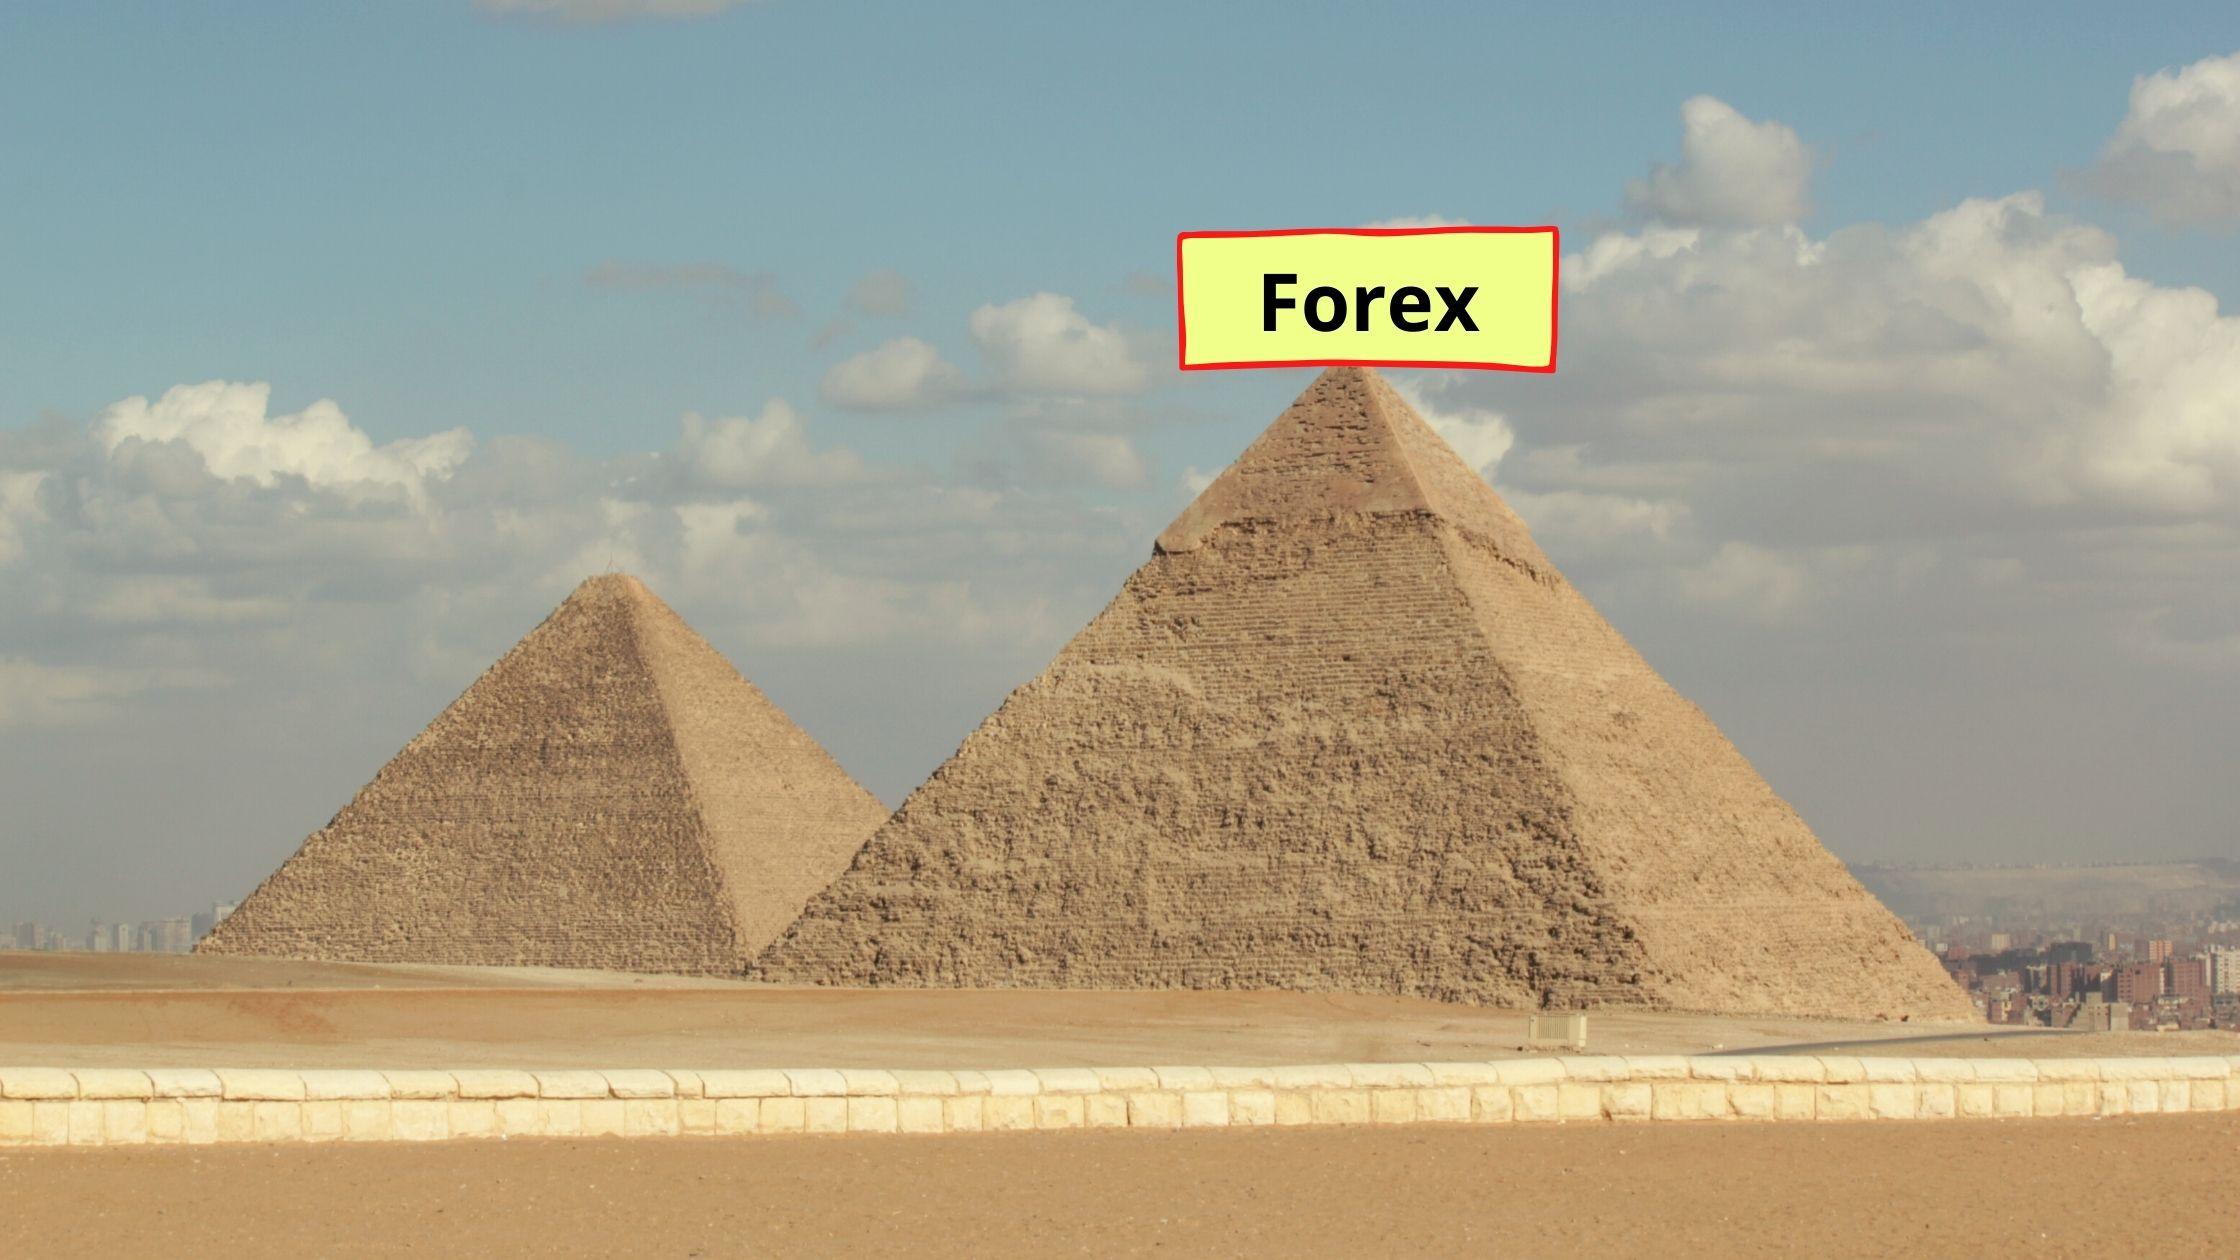 is forex a pyramid scheme